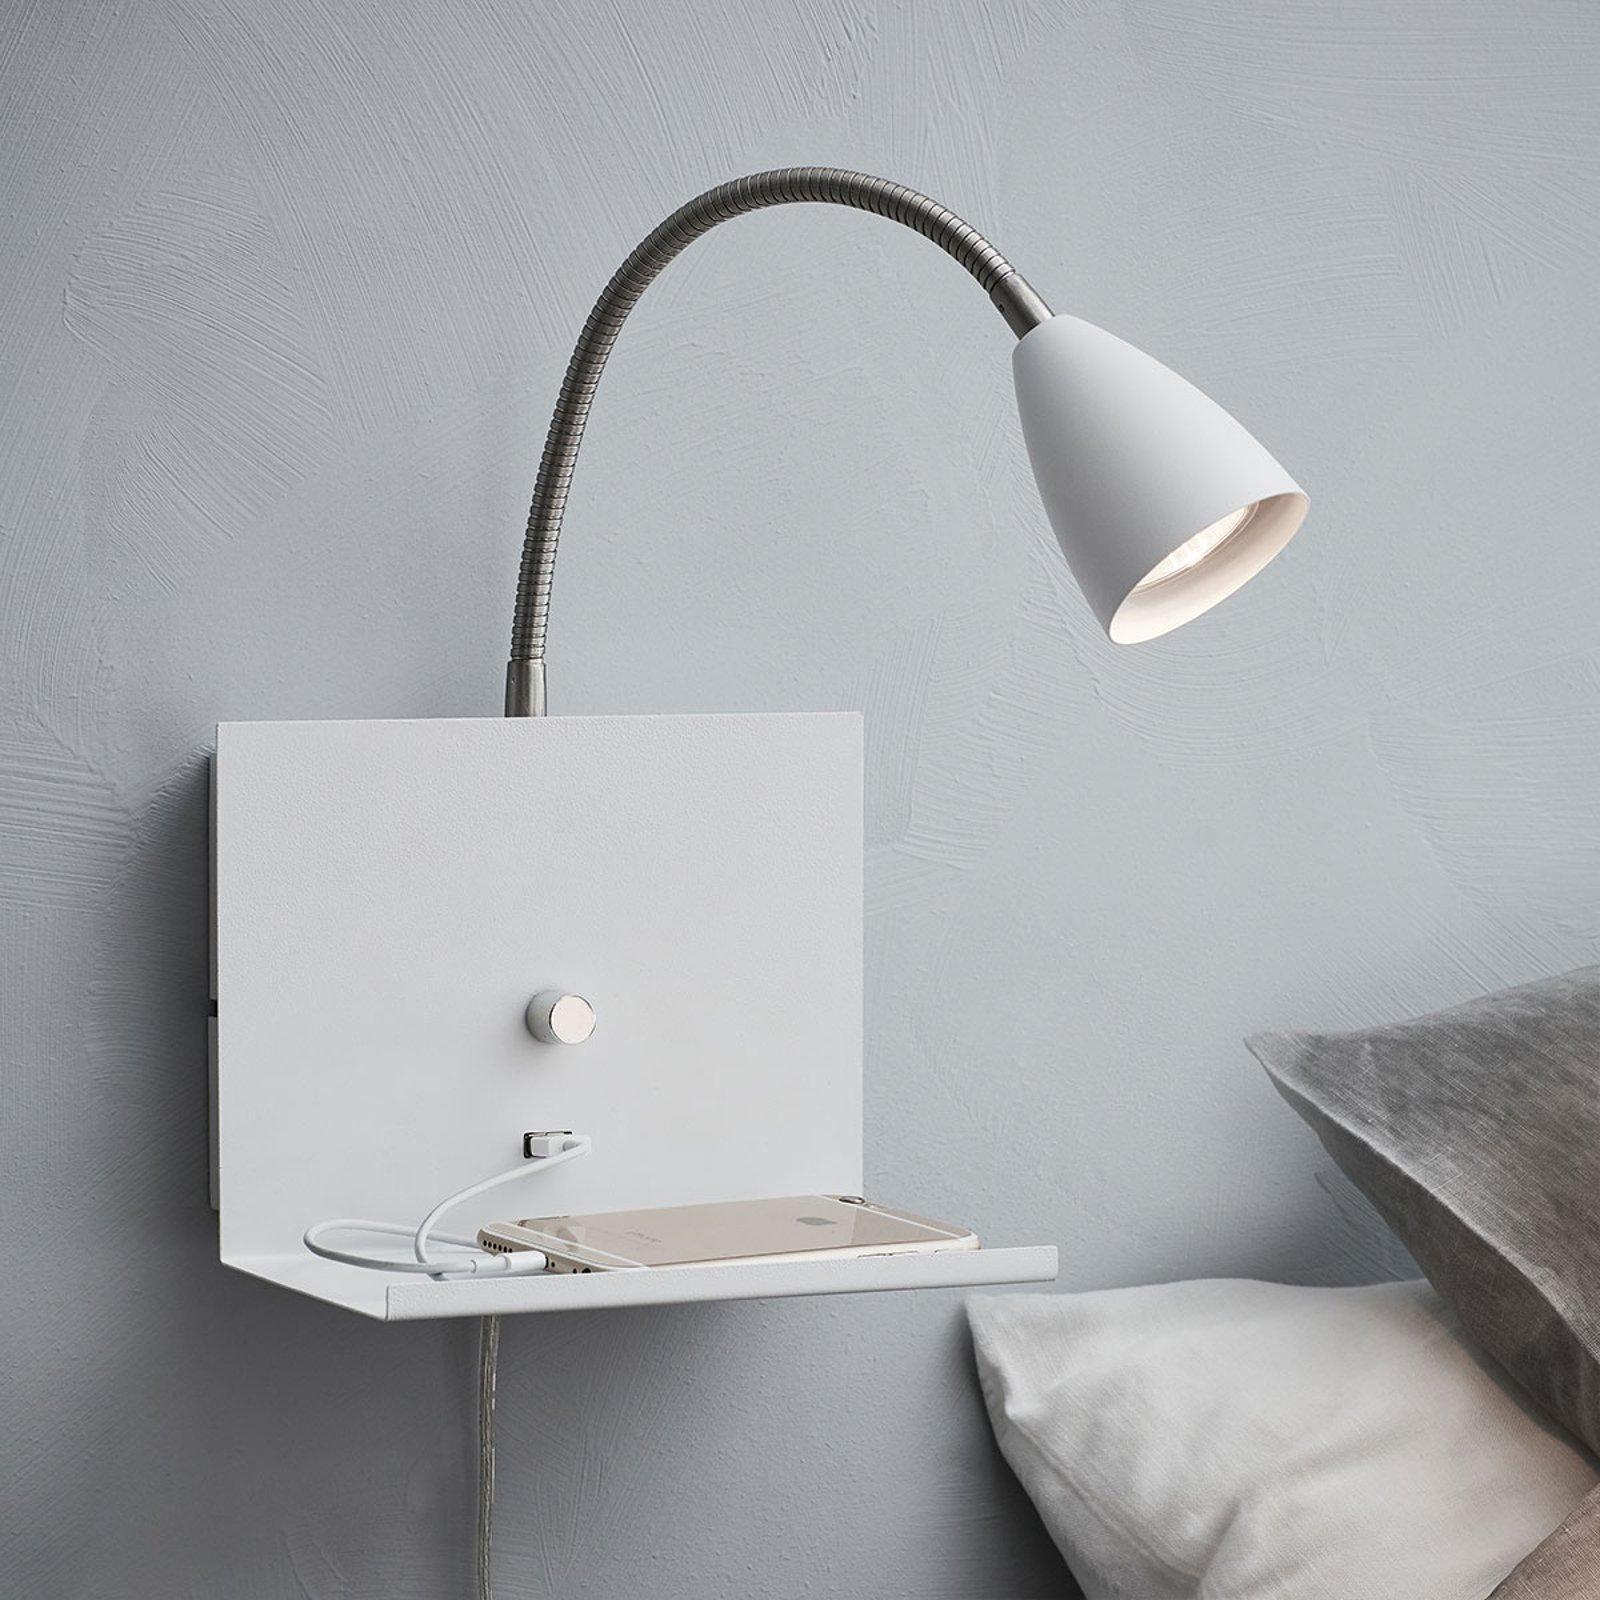 Vegglampe Logi med hylle, hvit